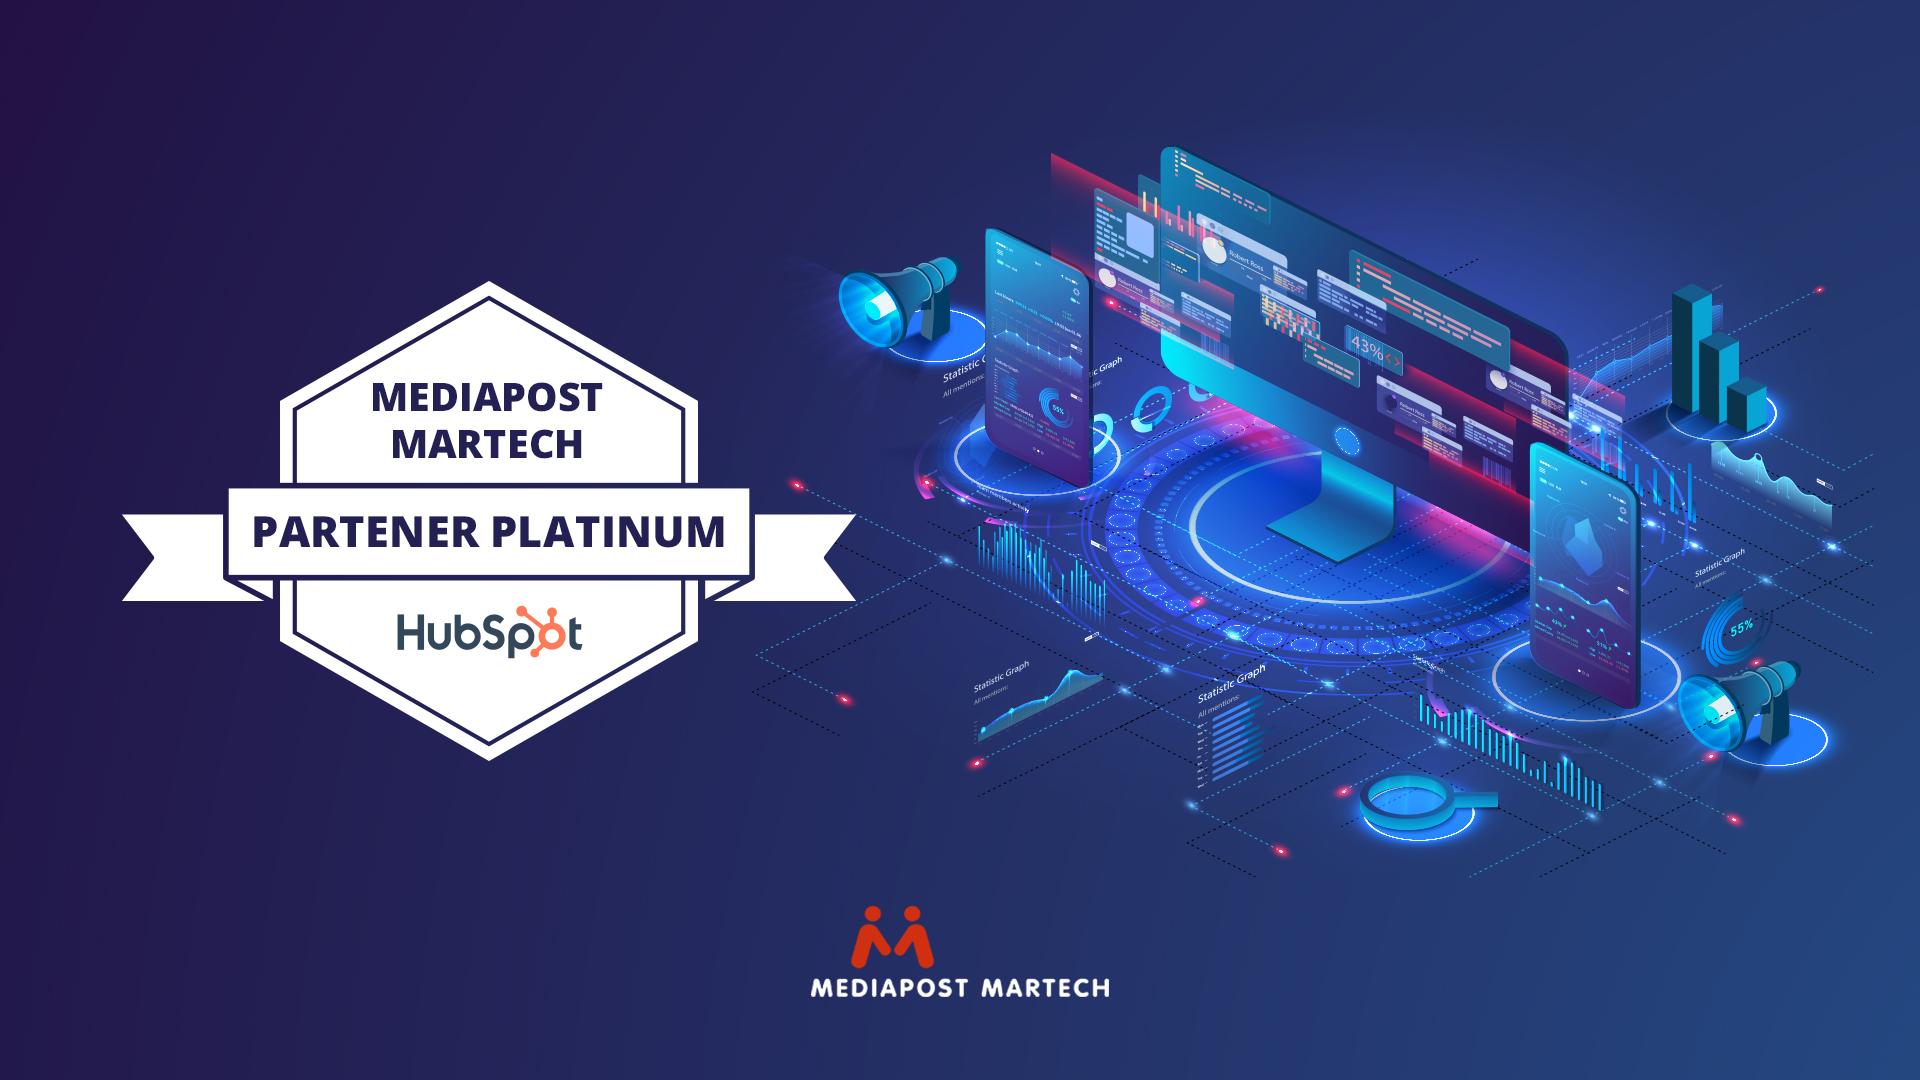 Foto_Mediapost Martech, Partener Platinum al HubSpot